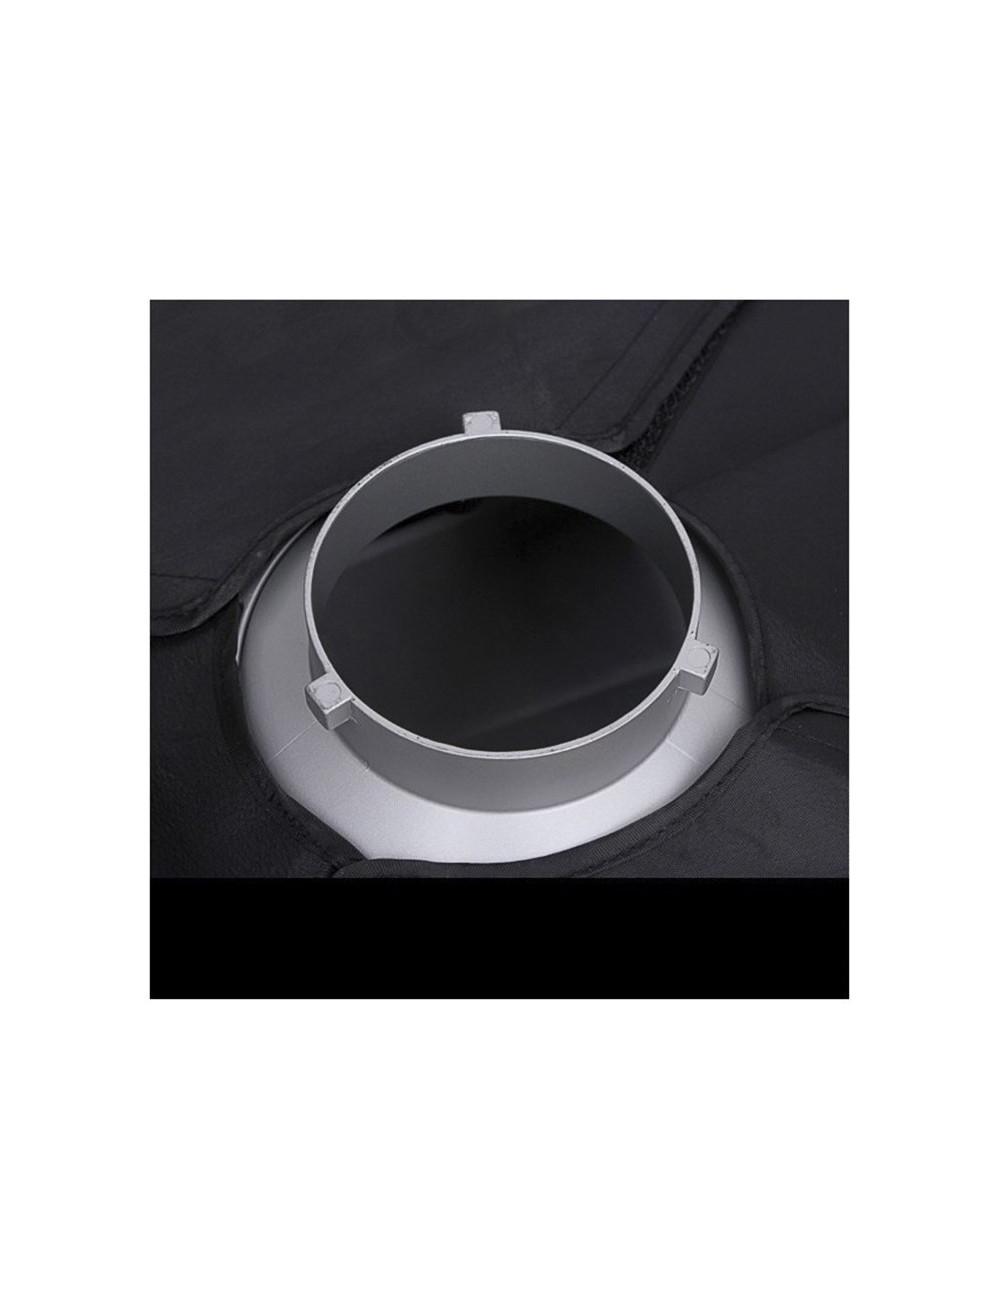 Lente Sigma 35mm F1.4 DG HSM Art Para SONY E